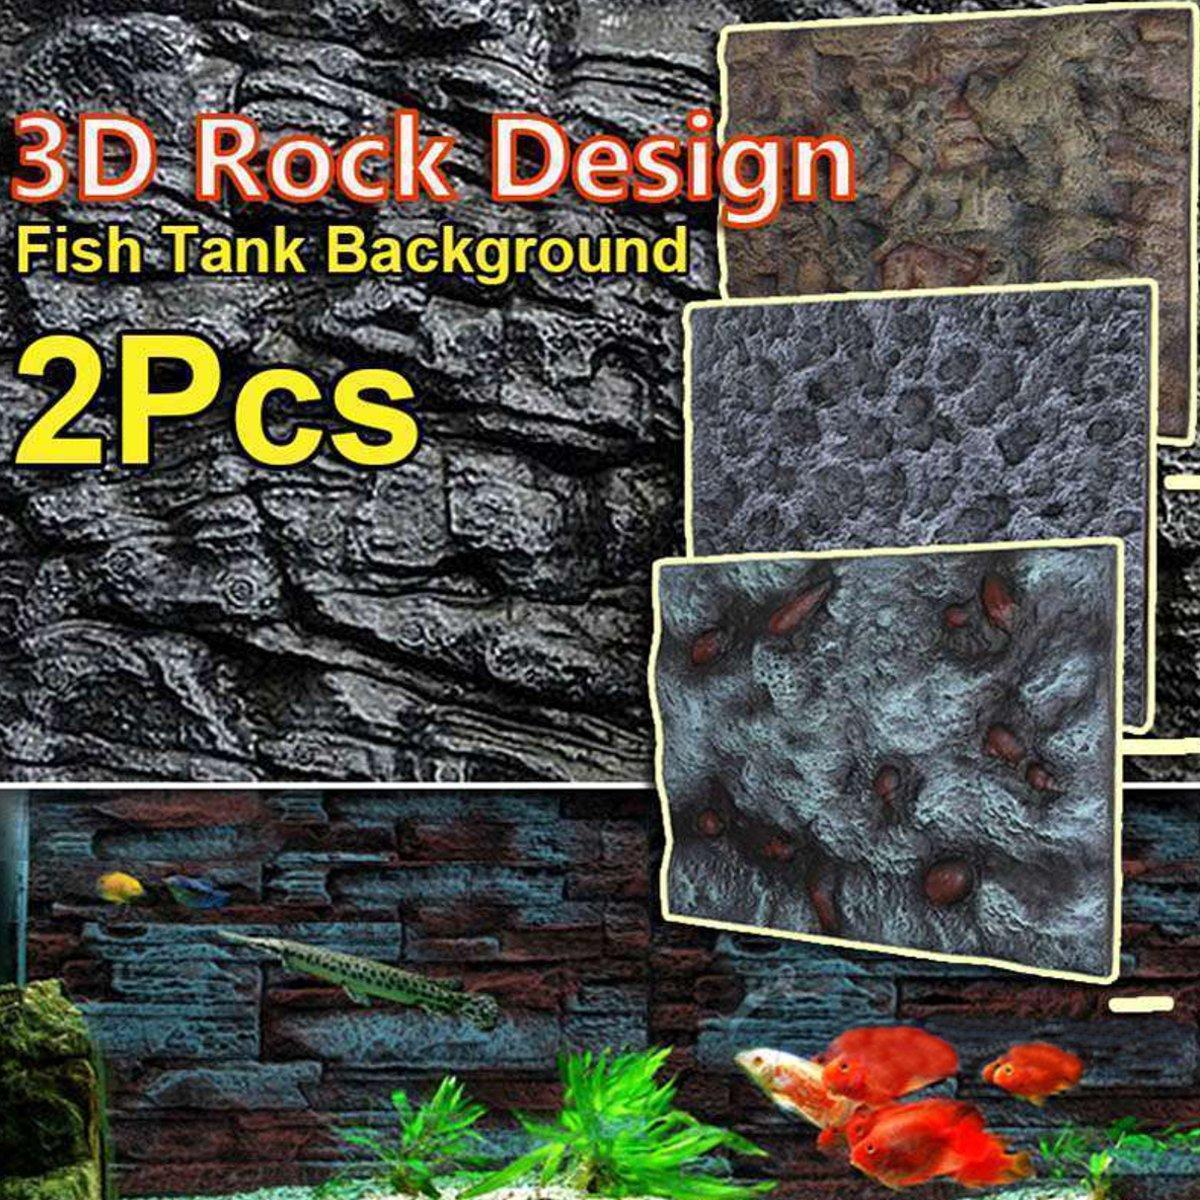 2 pièces 3D PU Aquarium réservoir de poissons fond pierre roche panneau plaque toile de fond décoration murale Reptiles animaux aquatiques fournitures 65X45 cm